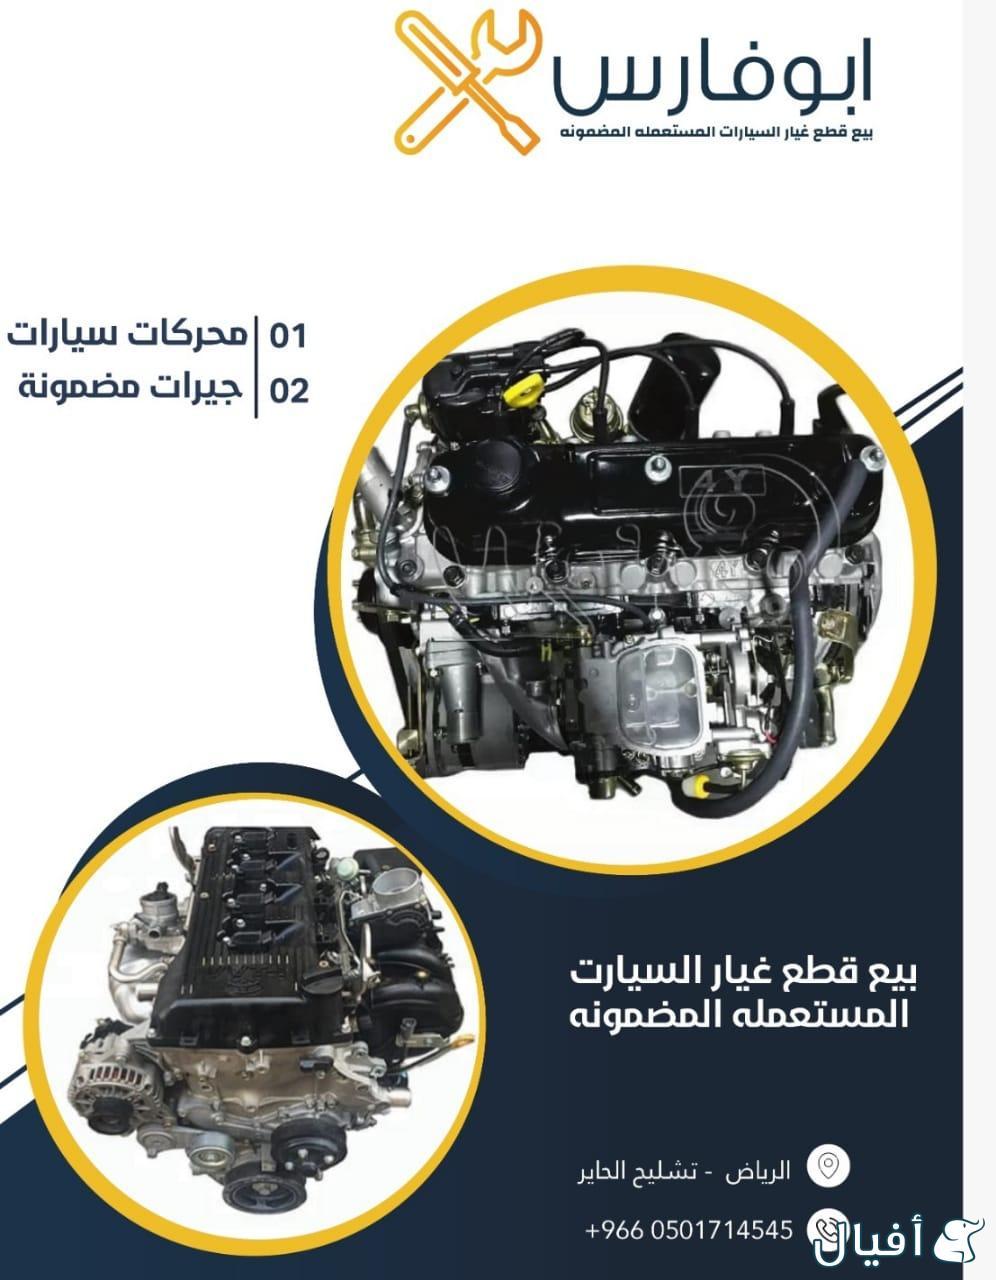 الرياض. تشليح الحاير. محلات الراشد لبيع قطع الغيار المستعمله